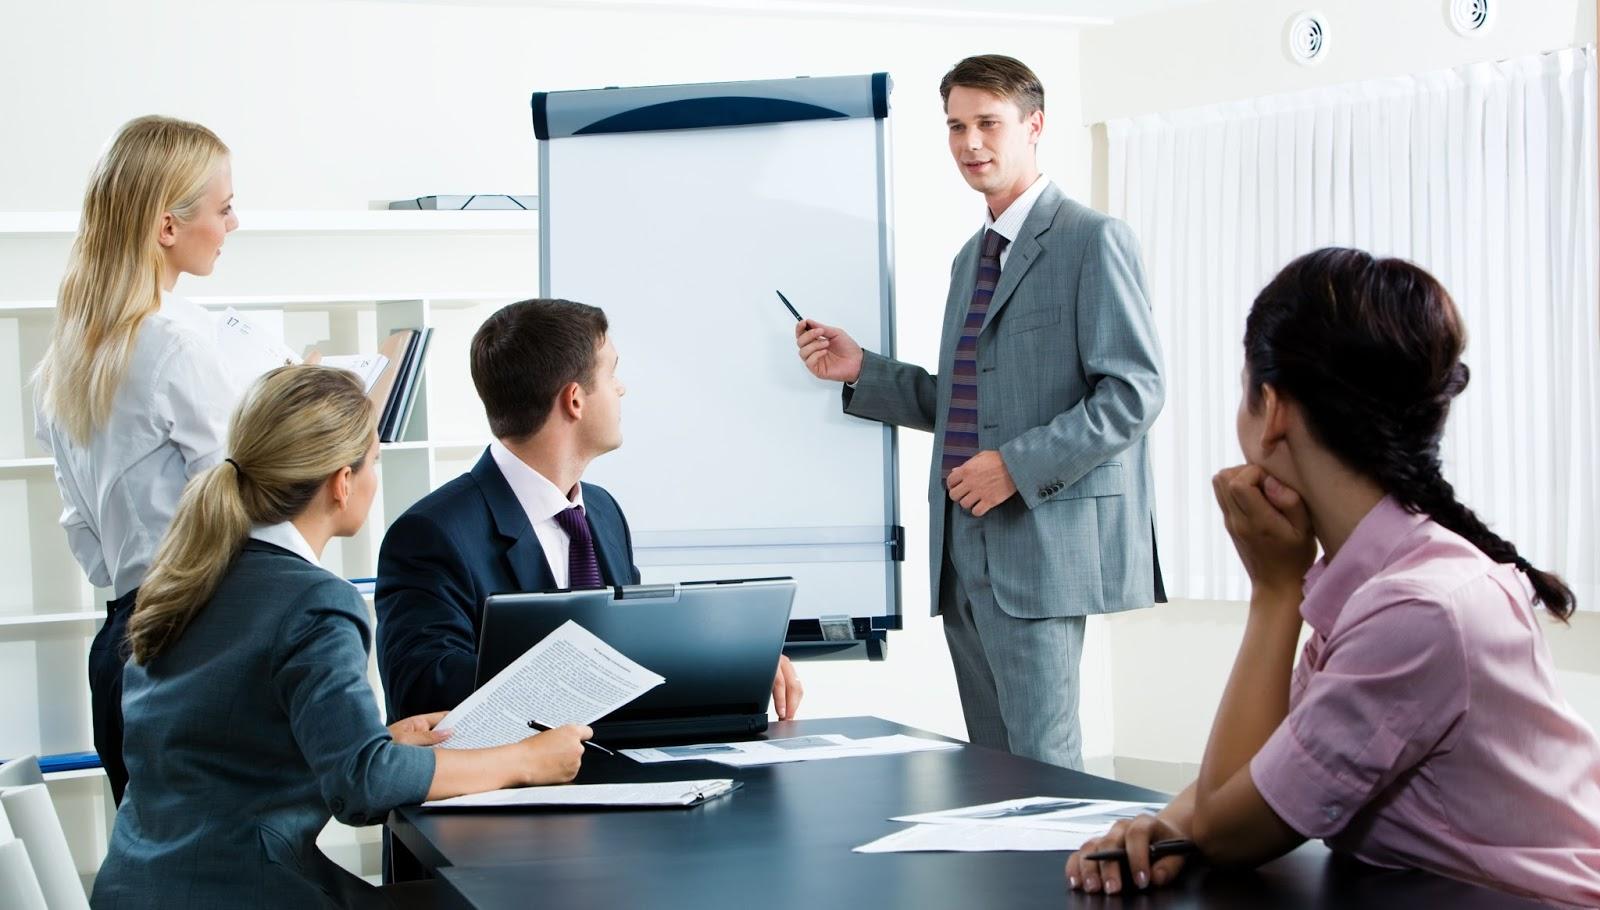 Люди в офисе картинки для презентации